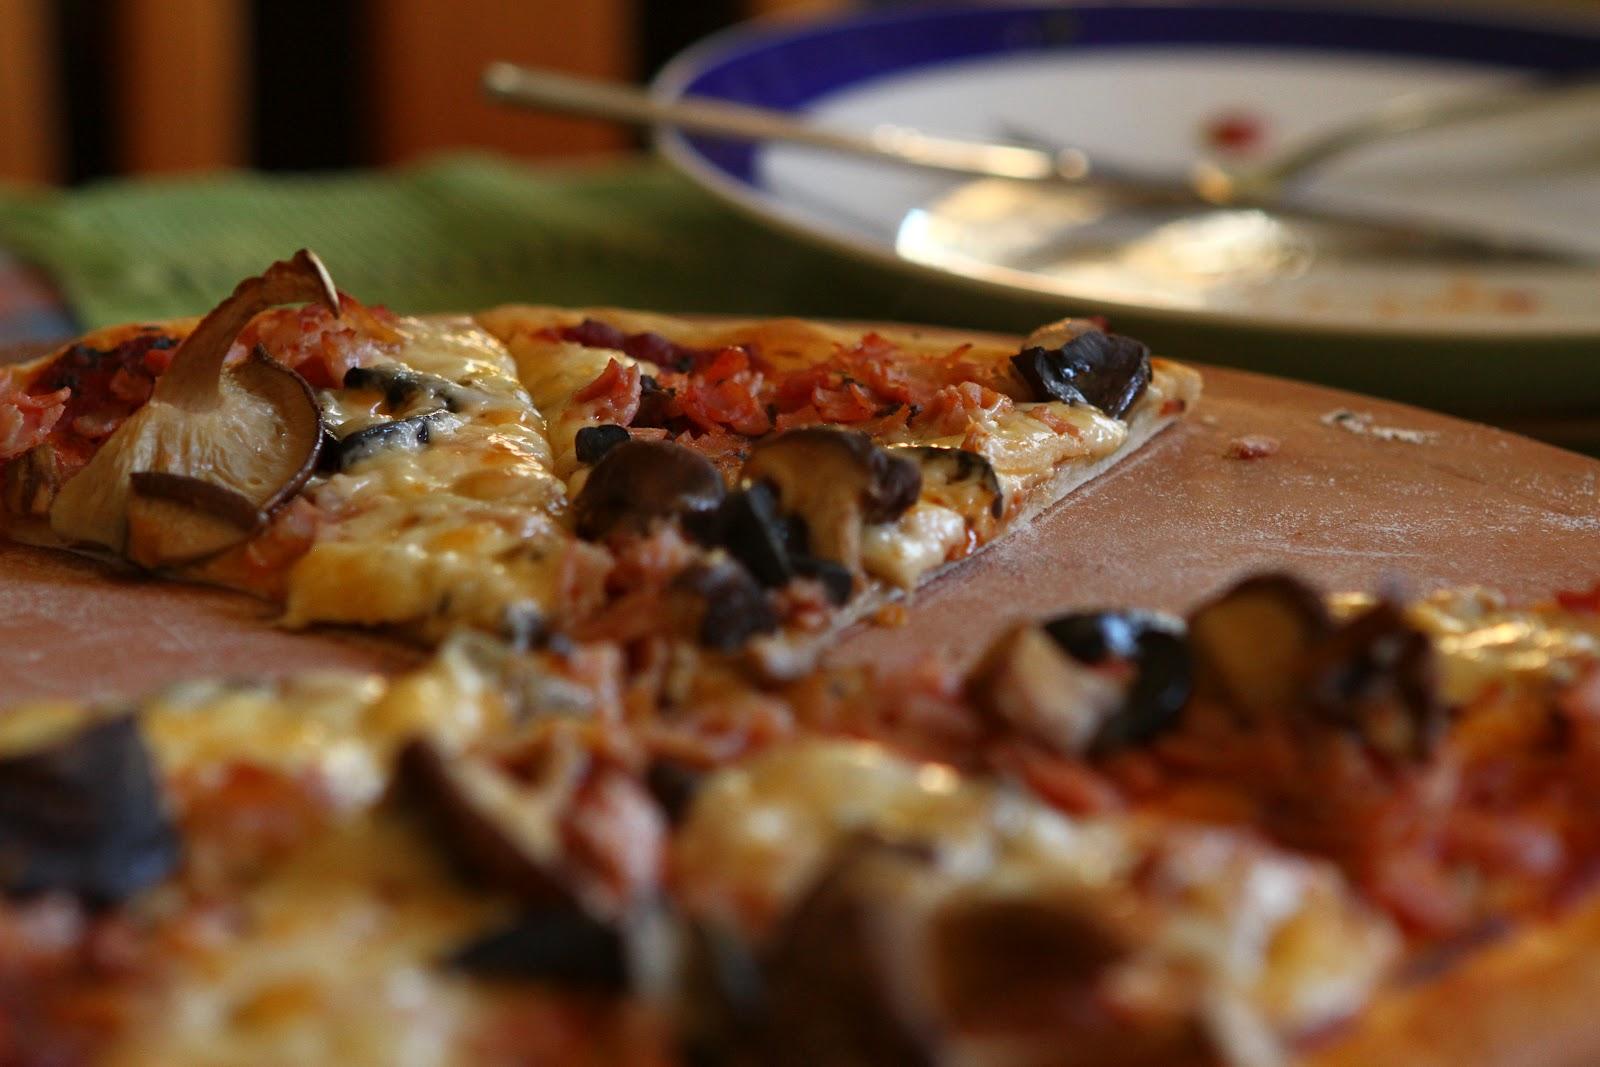 The cooking astronomer: Regaloneando con los papás : Pizza a la \